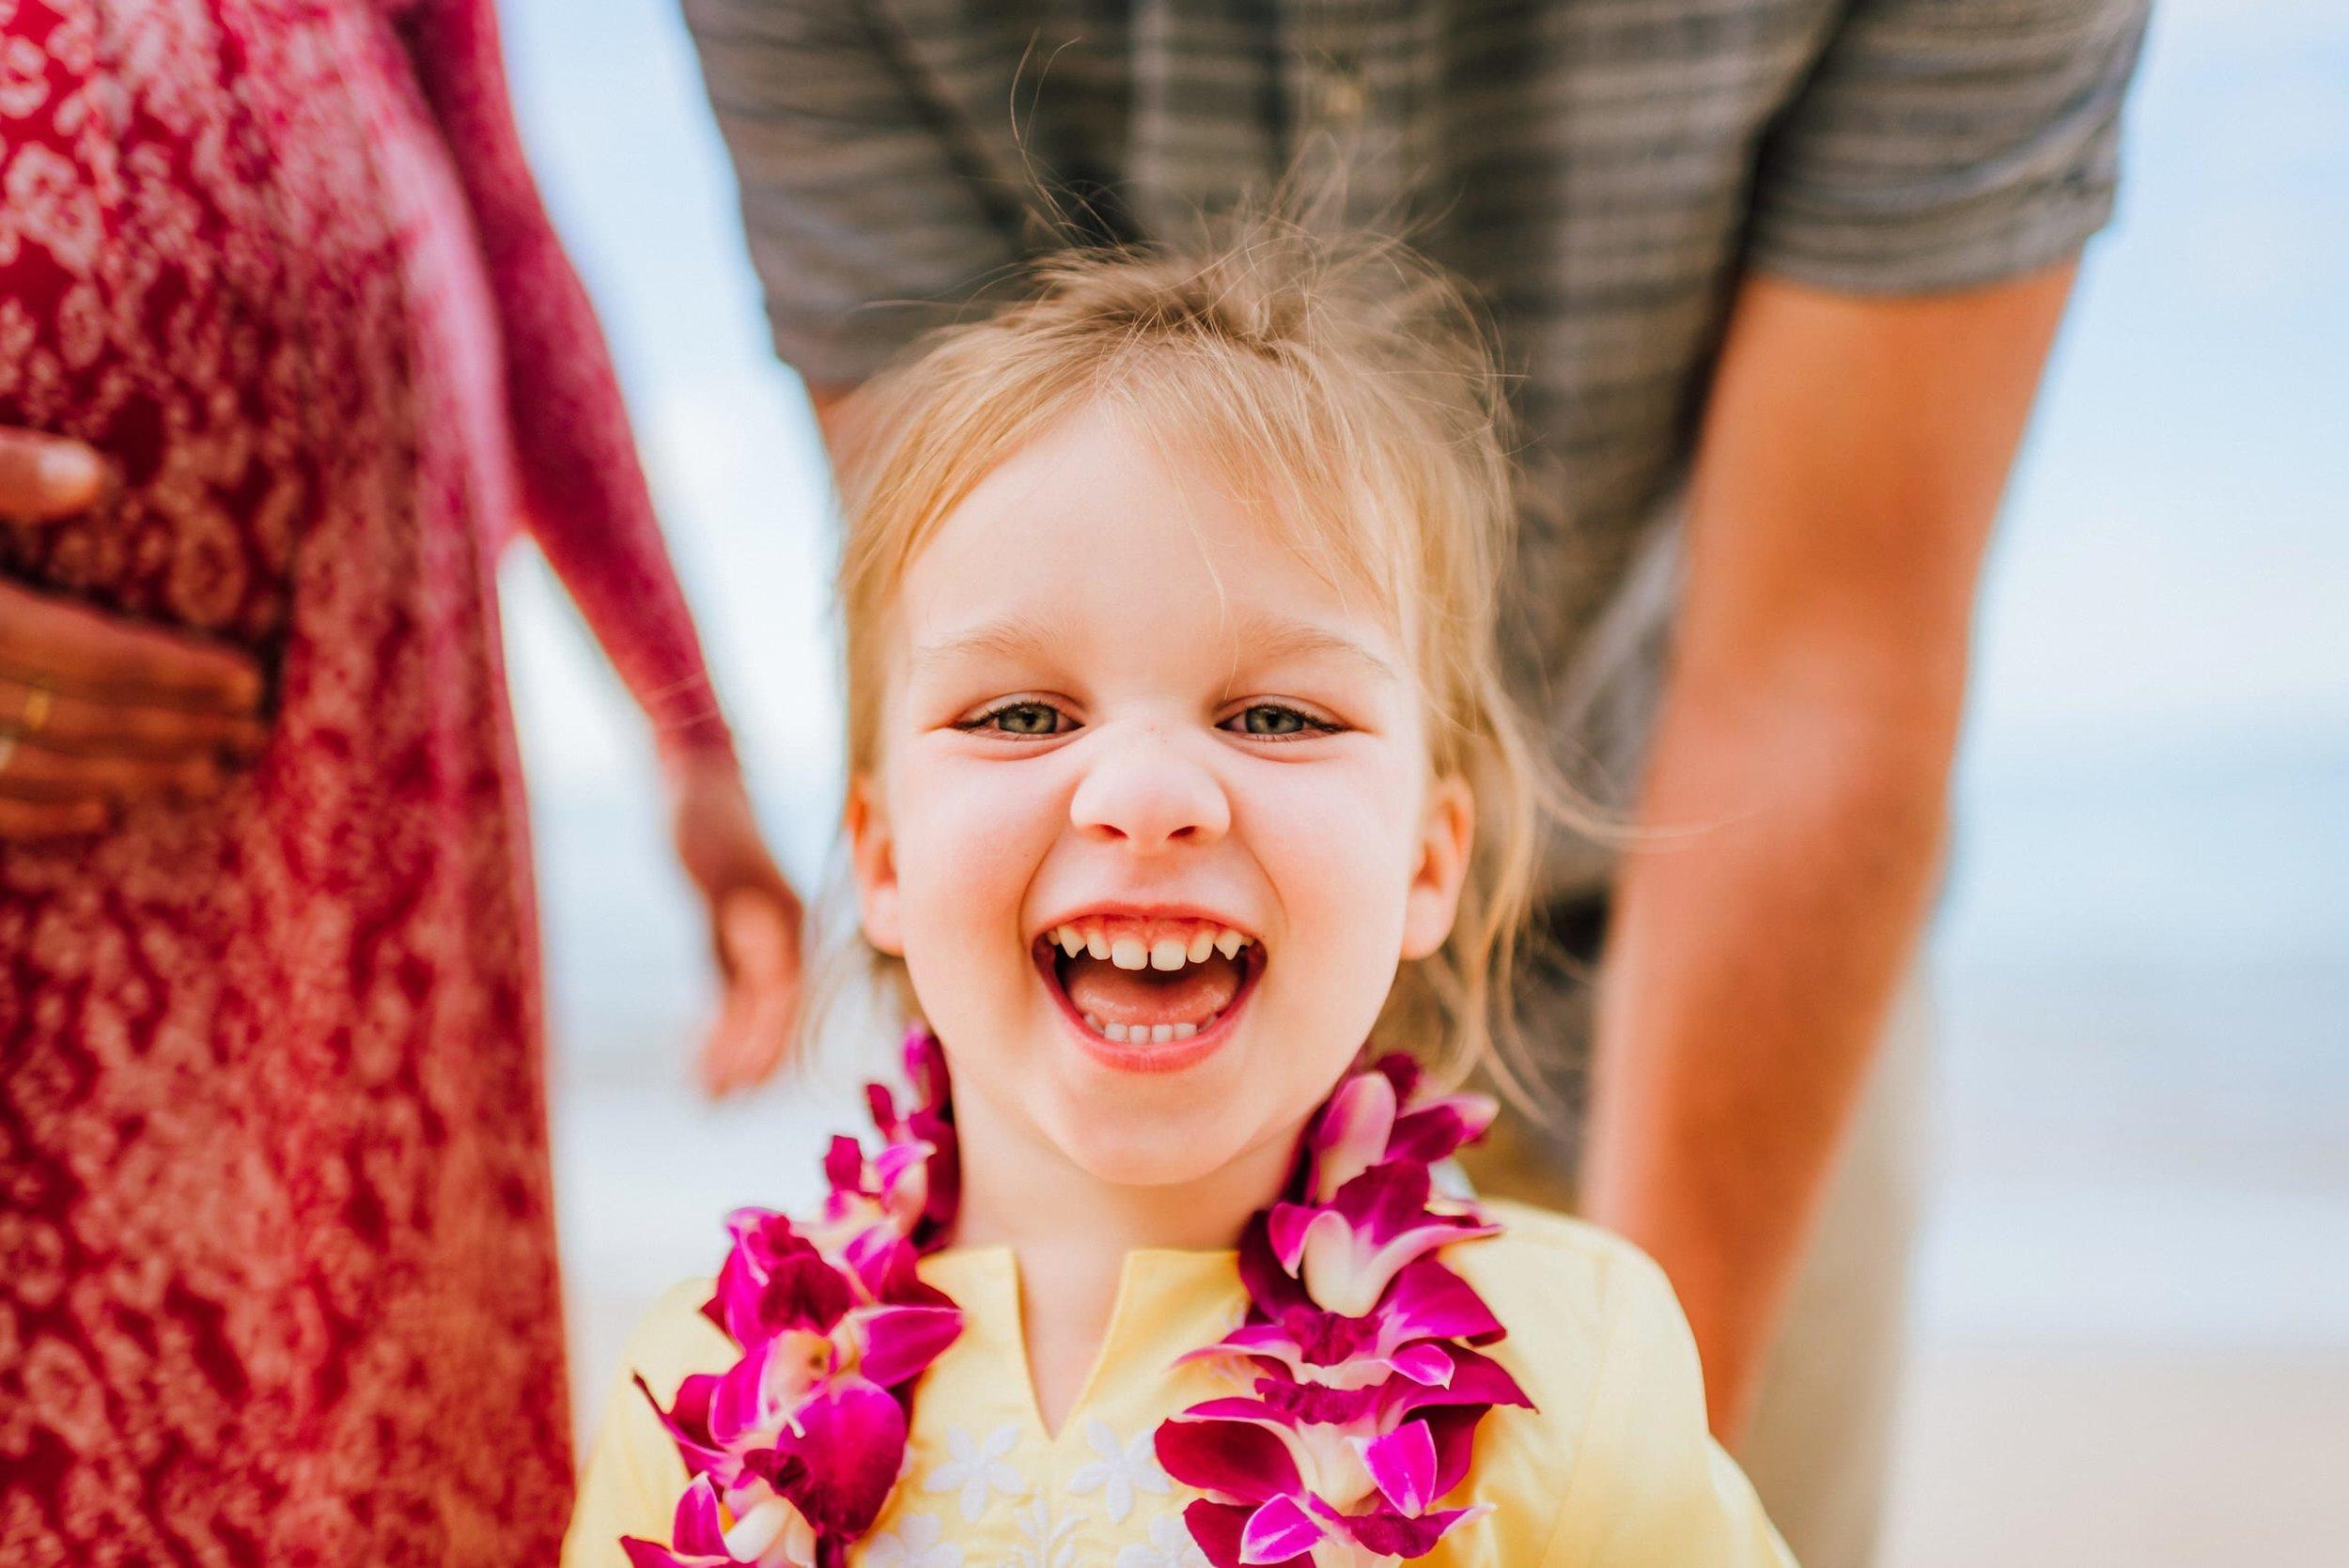 Mauna-Kea-Waikoloa-Family-Photographer-Hawaii-JW-5.jpg